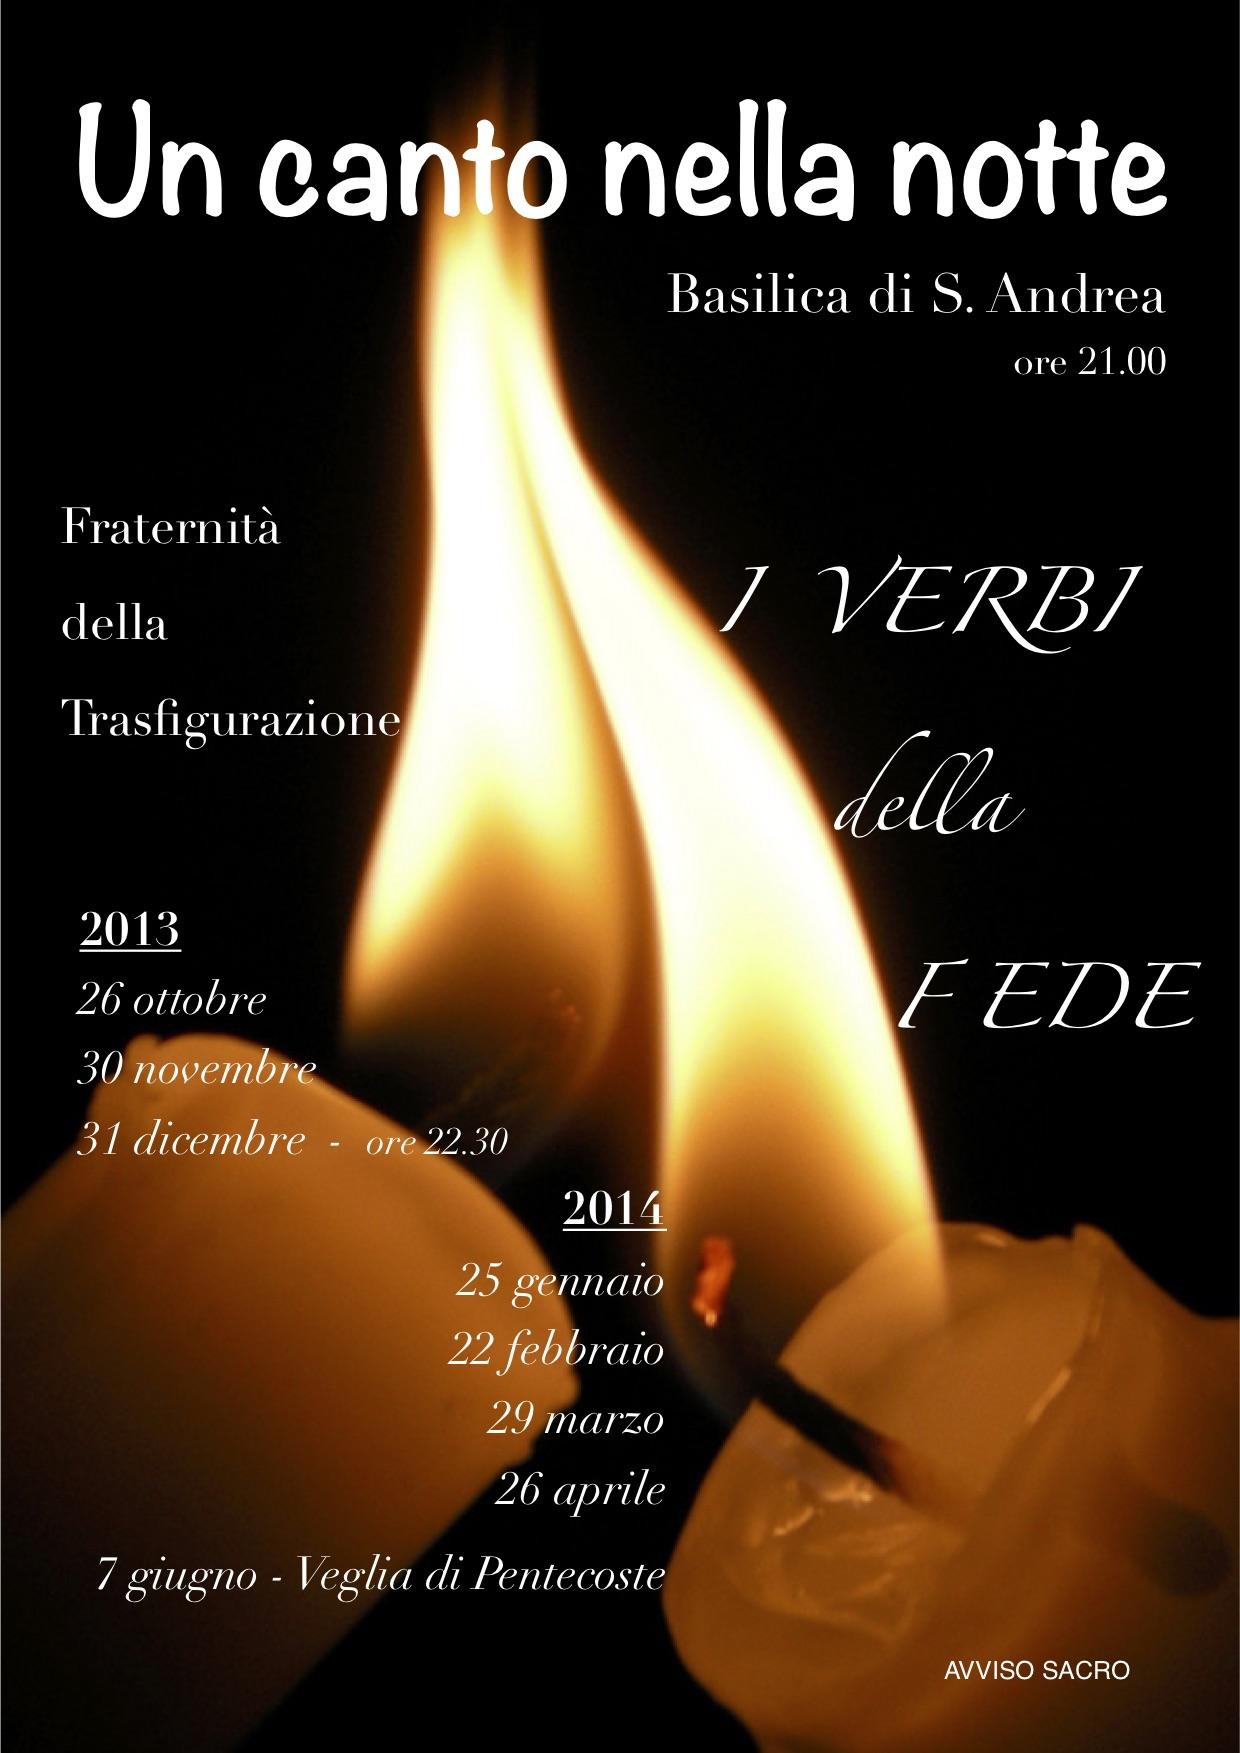 Un canto nella notte 2013-14